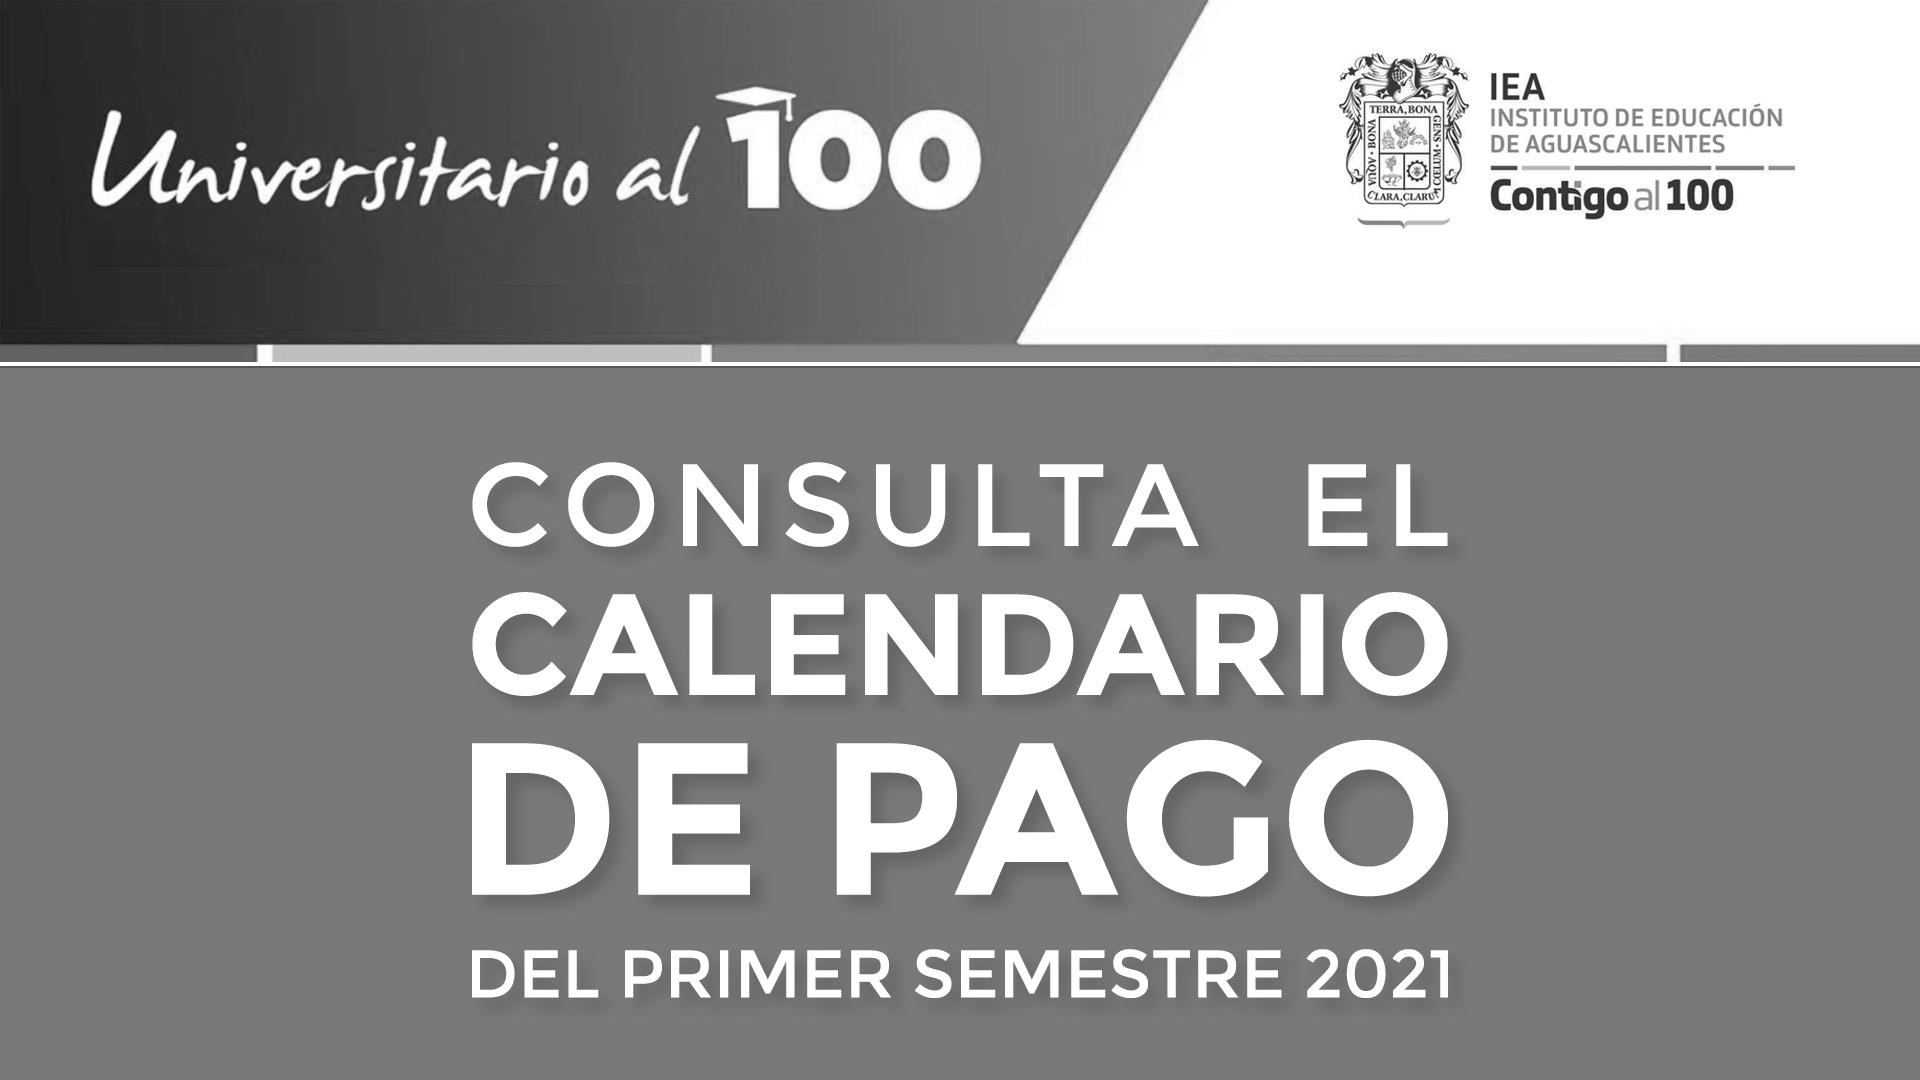 Universitarios al 100